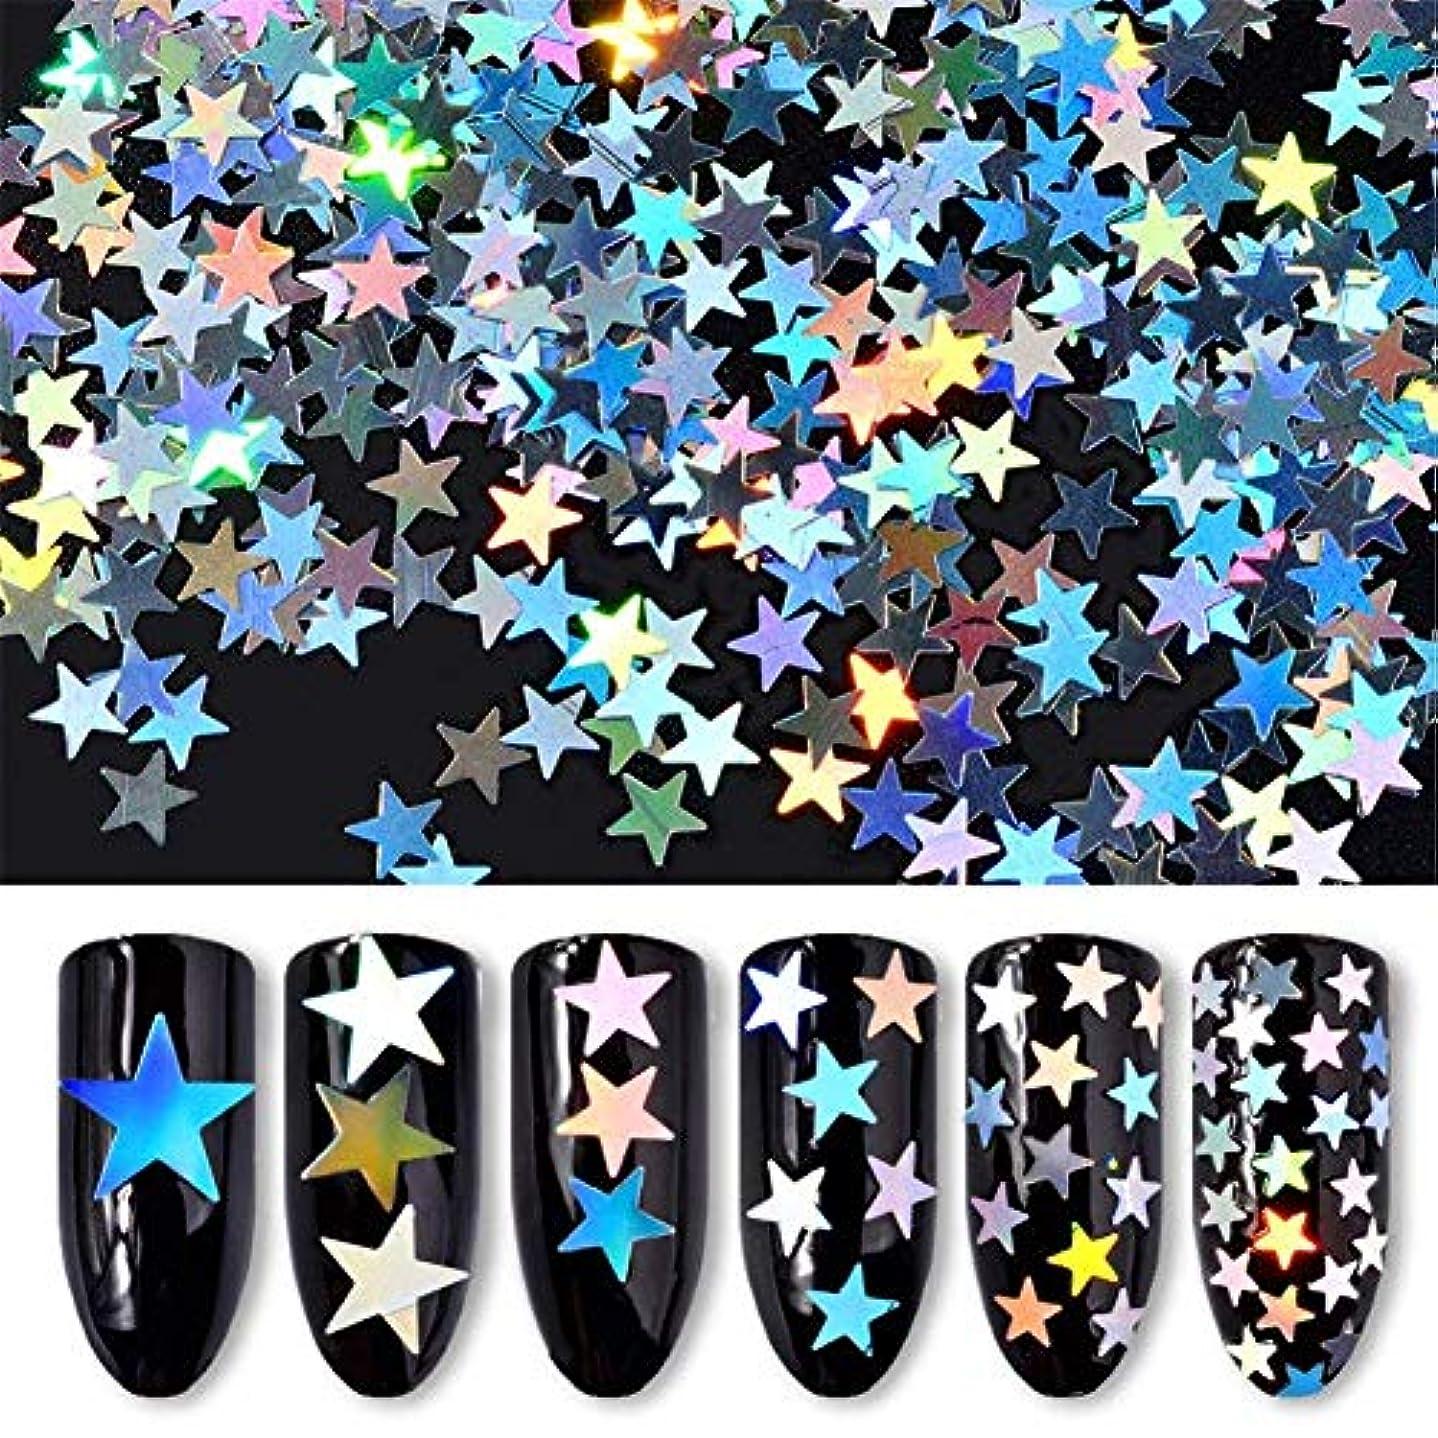 非難するウィンク夕食を食べる6ボックス/セット 星 スター ホログラム キラキラ 反射カメレオン ネイルパーツネイルアートネイルデコ